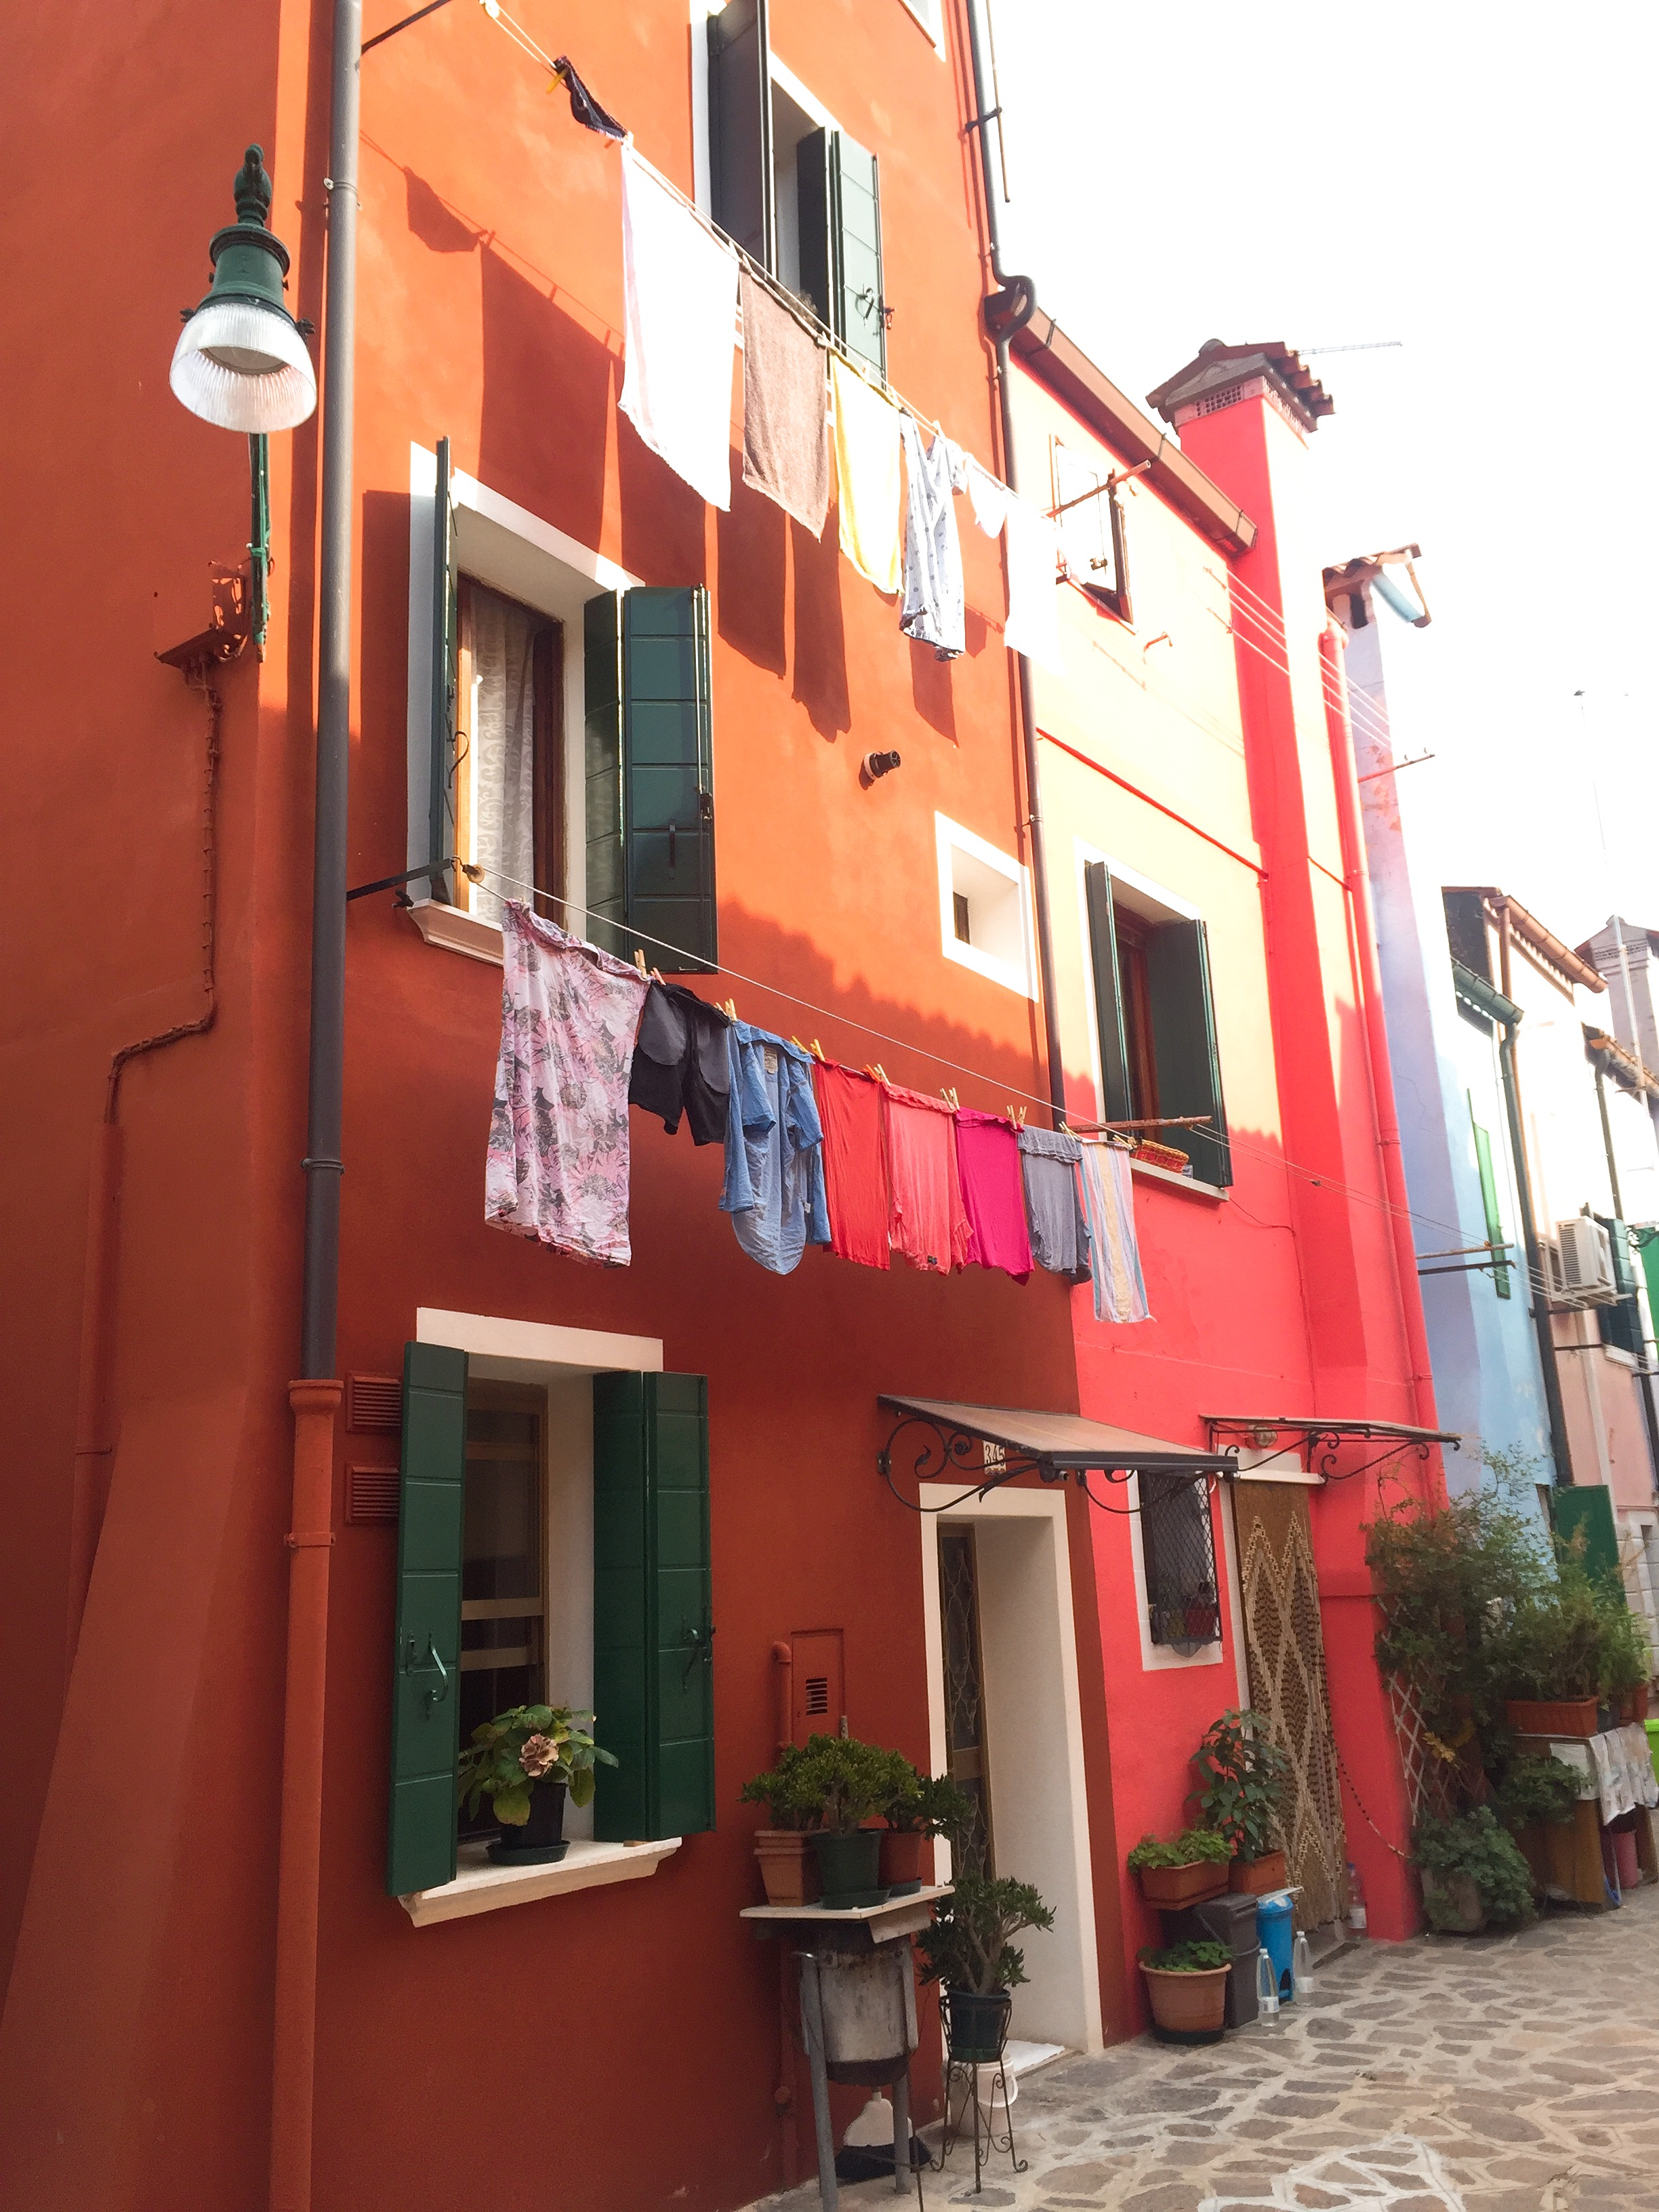 Burano - Venice Travel Guide